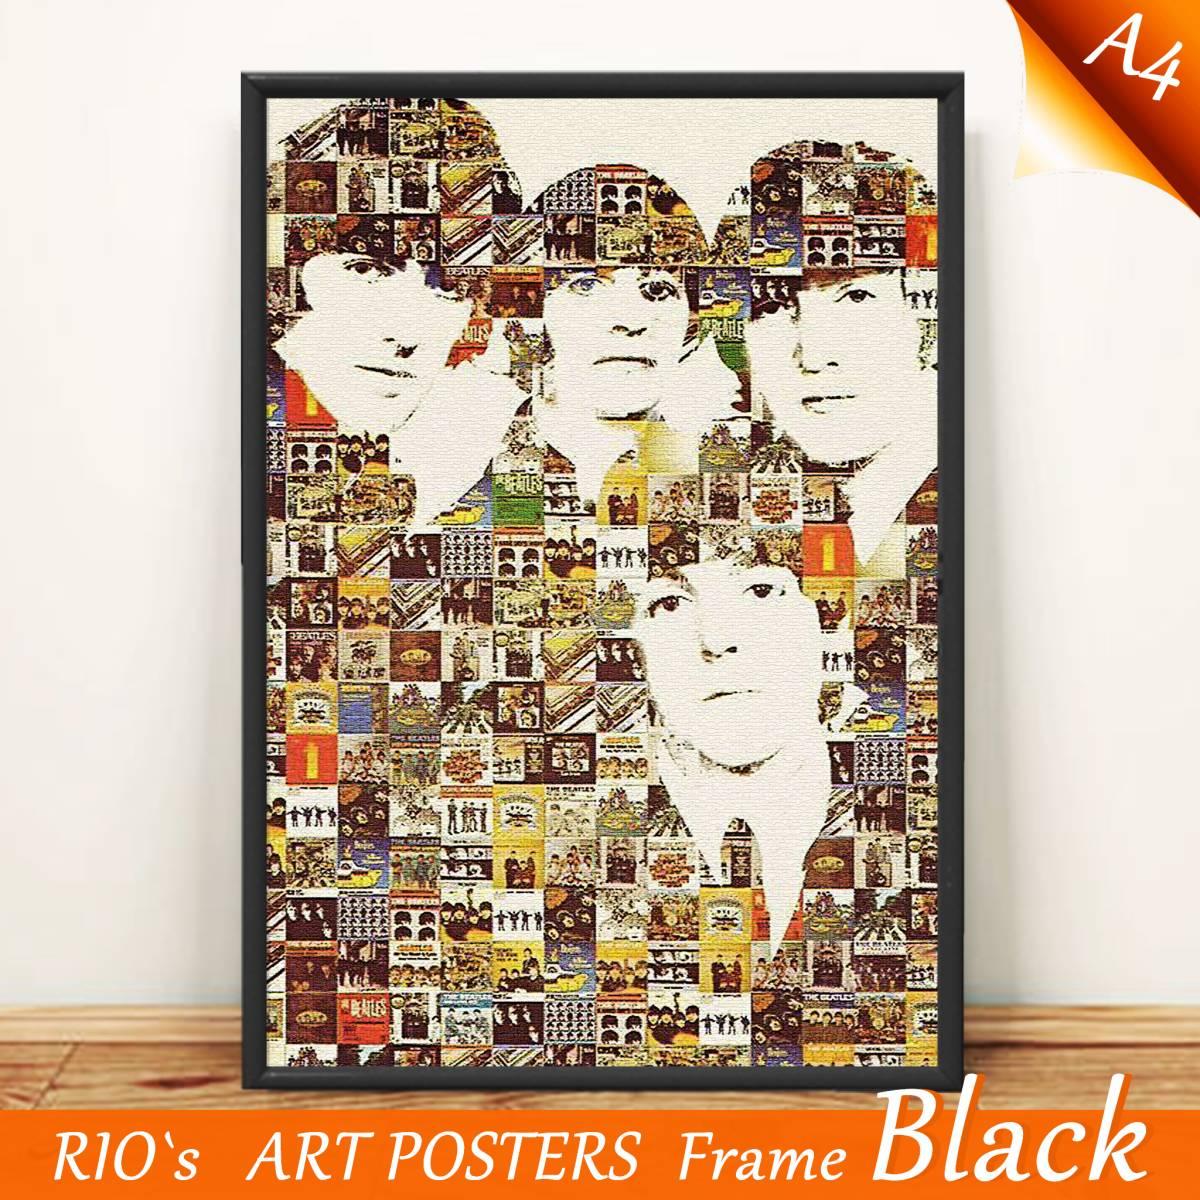 ザ・ビートルズ/The Beatles/ジャケット加工/アートポスター/019/額縁フレーム・ブラック ライブグッズの画像